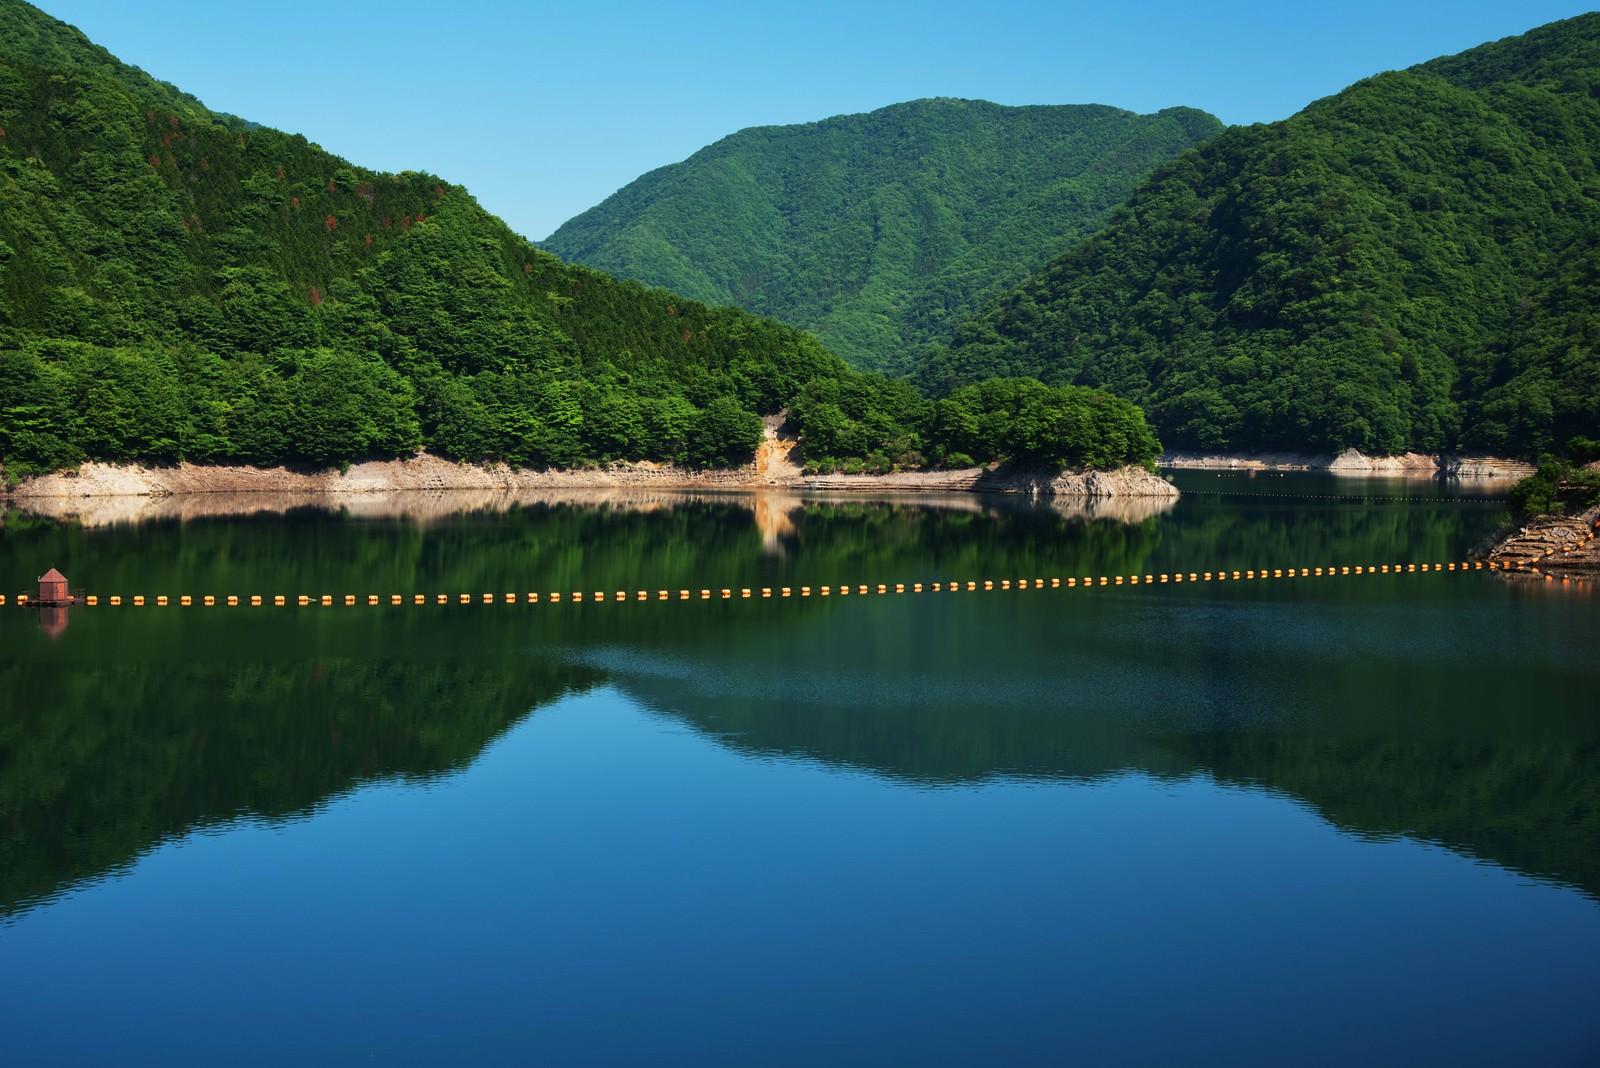 「川治ダムの湖面川治ダムの湖面」のフリー写真素材を拡大